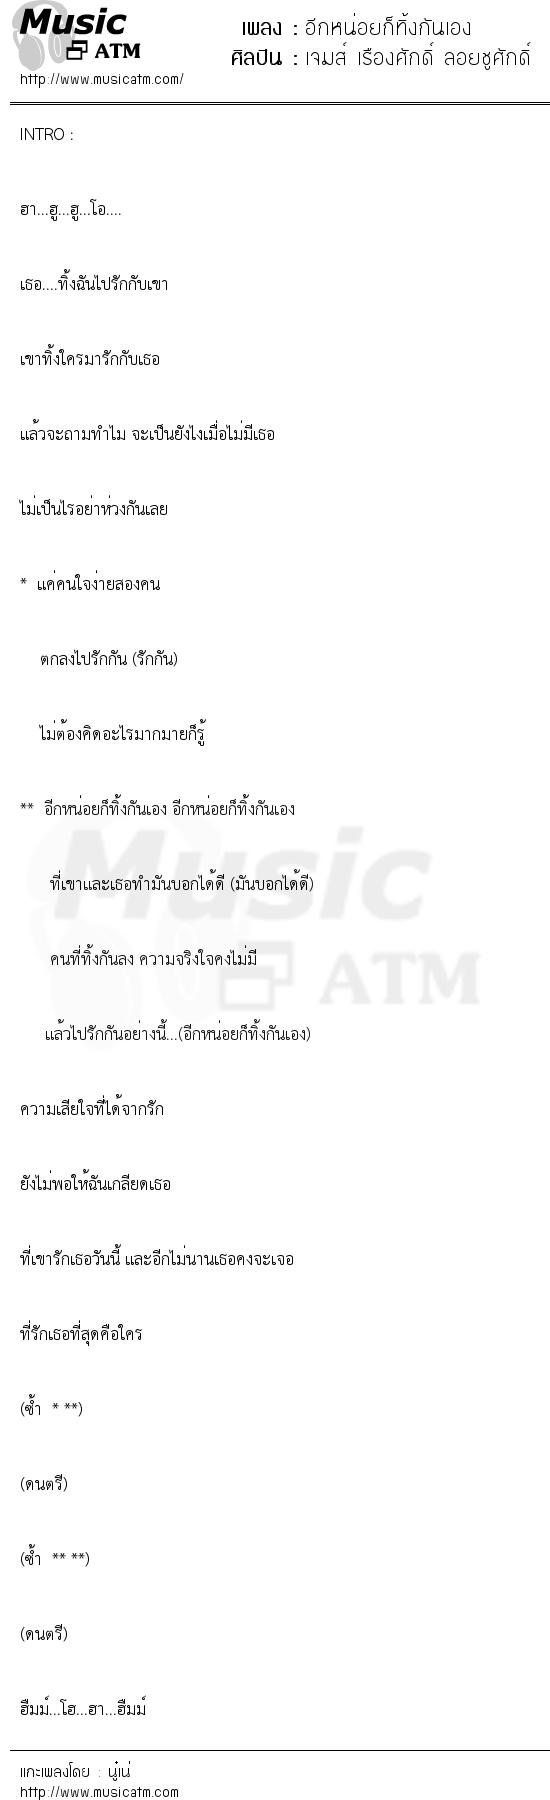 อีกหน่อยก็ทิ้งกันเอง | เพลงไทย